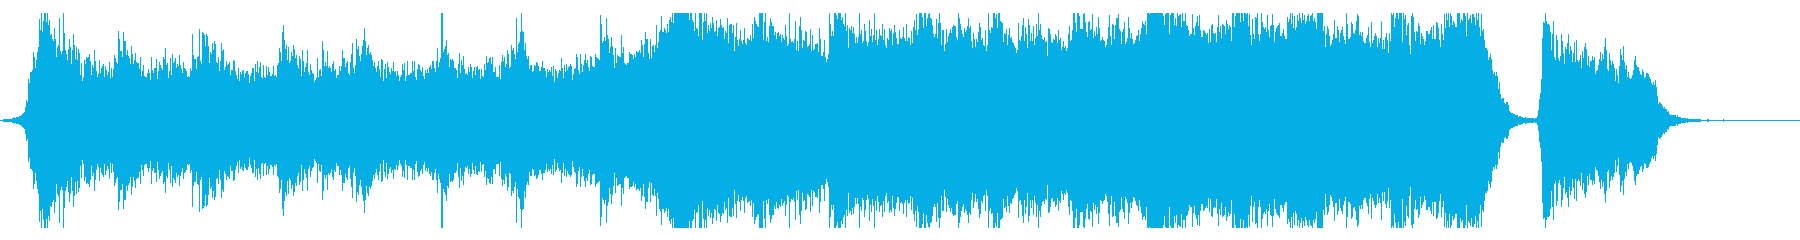 感動が最高潮に達するハイブリッドなオケ5の再生済みの波形